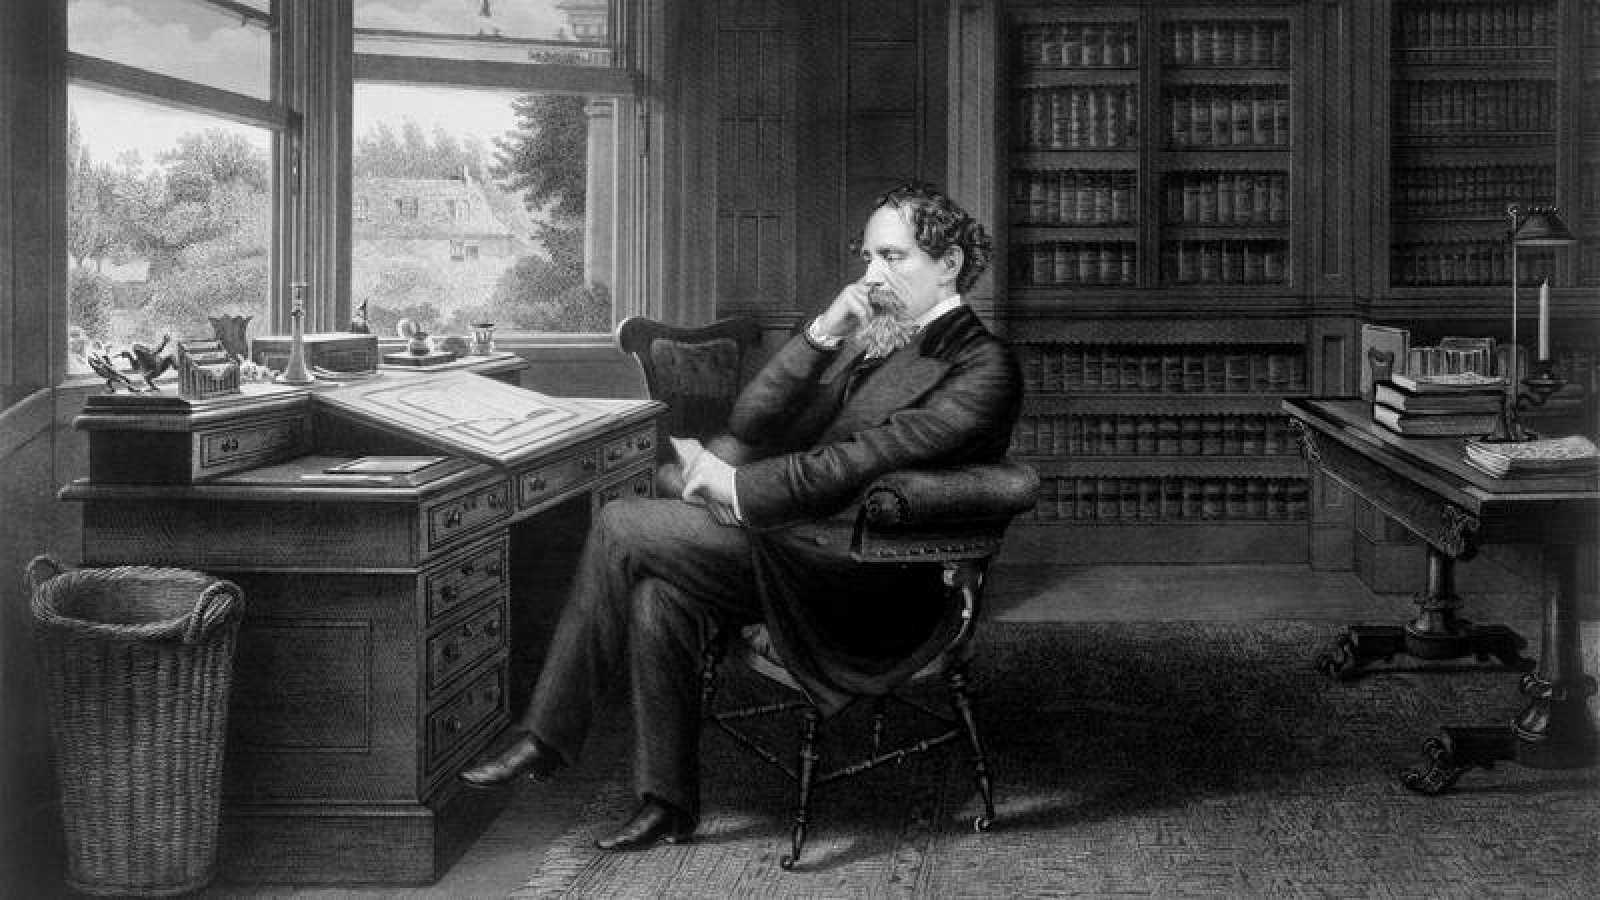 Ponemos sonido a la vida y obra de Charles Dickens.